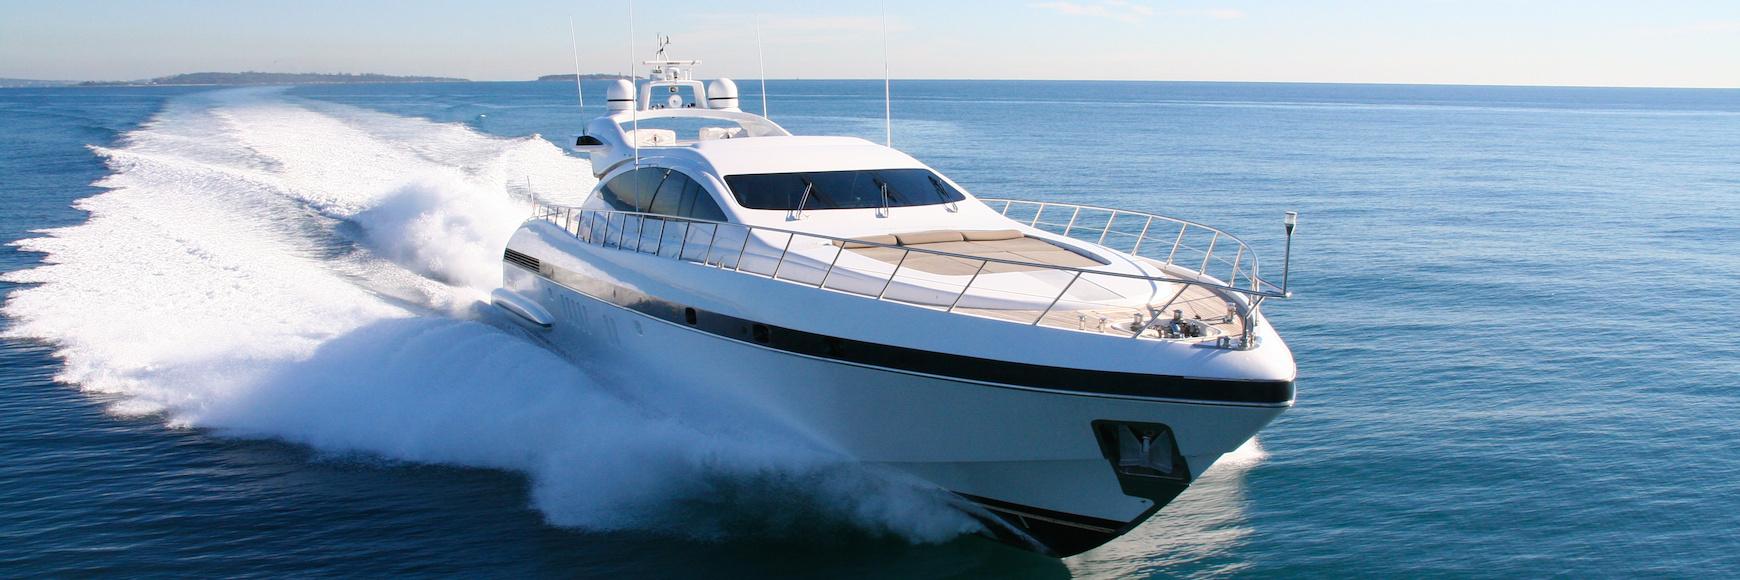 Location de yachts et bateaux de luxe filovent for Bateau de luxe interieur